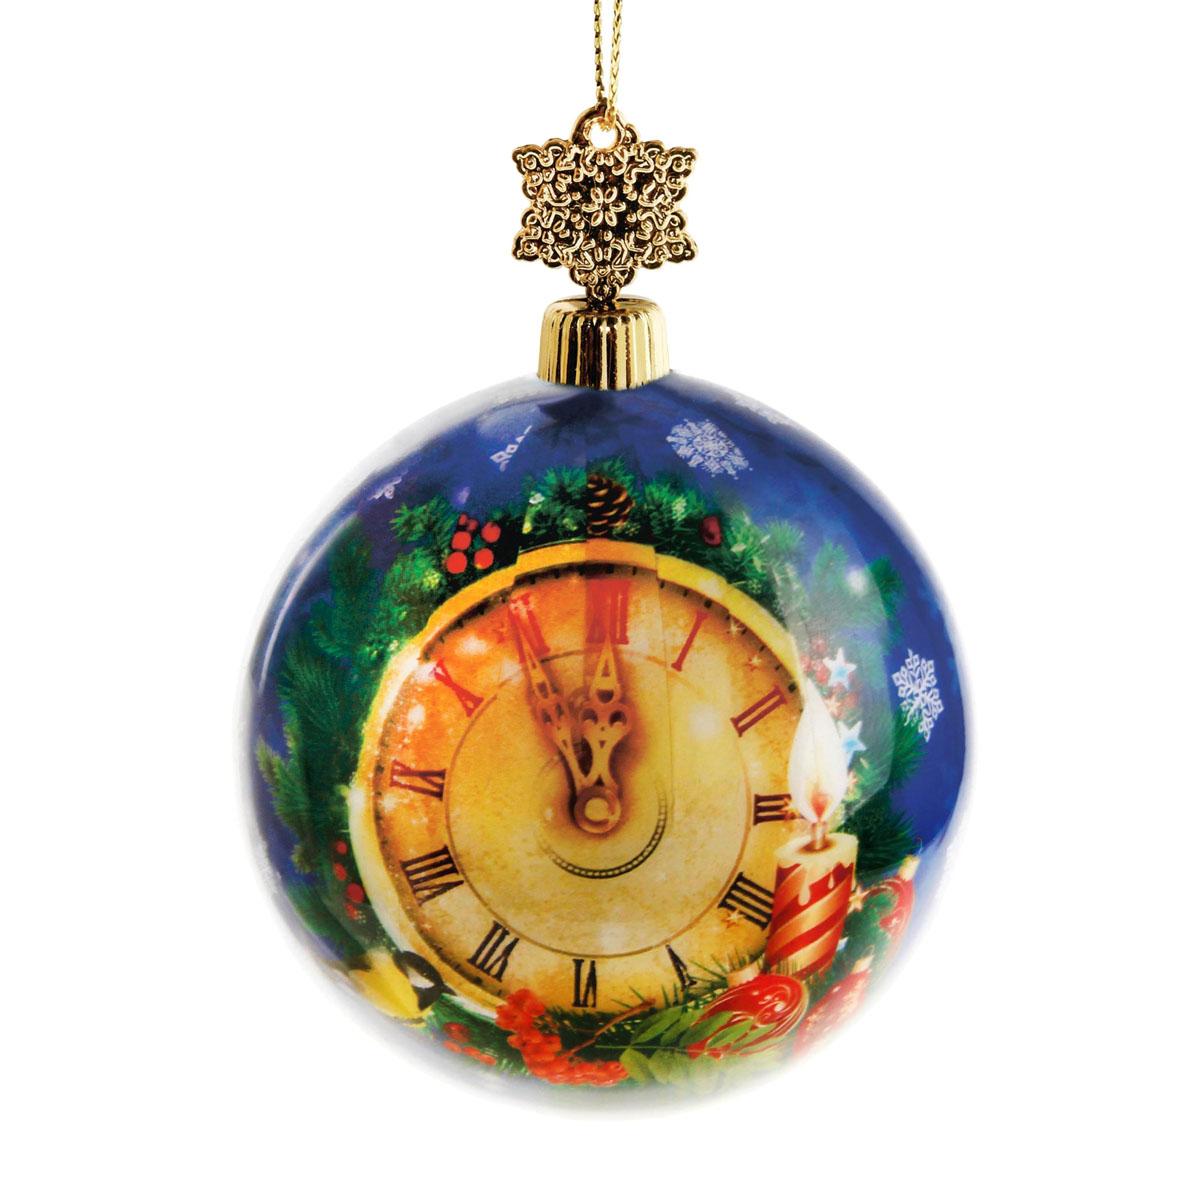 Новогоднее подвесное украшение Sima-land Шар, диаметр 8 см. 279333NLED-405-0.5W-MНовогоднее подвесное украшение Sima-land выполнено из высококачественного пенопласта в форме шара и покрыто цветной пленкой. Шар декорирован изображением курантов. С помощью специальной петельки украшение можно повесить в любом понравившемся вам месте. Но, конечно, удачнее всего такой набор будет смотреться на праздничной елке.Елочная игрушка - символ Нового года. Она несет в себе волшебство и красоту праздника. Создайте в своем доме атмосферу веселья и радости, украшая новогоднюю елку нарядными игрушками, которые будут из года в год накапливать теплоту воспоминаний. Материал: пенопласт, пленка, текстиль, пластик.